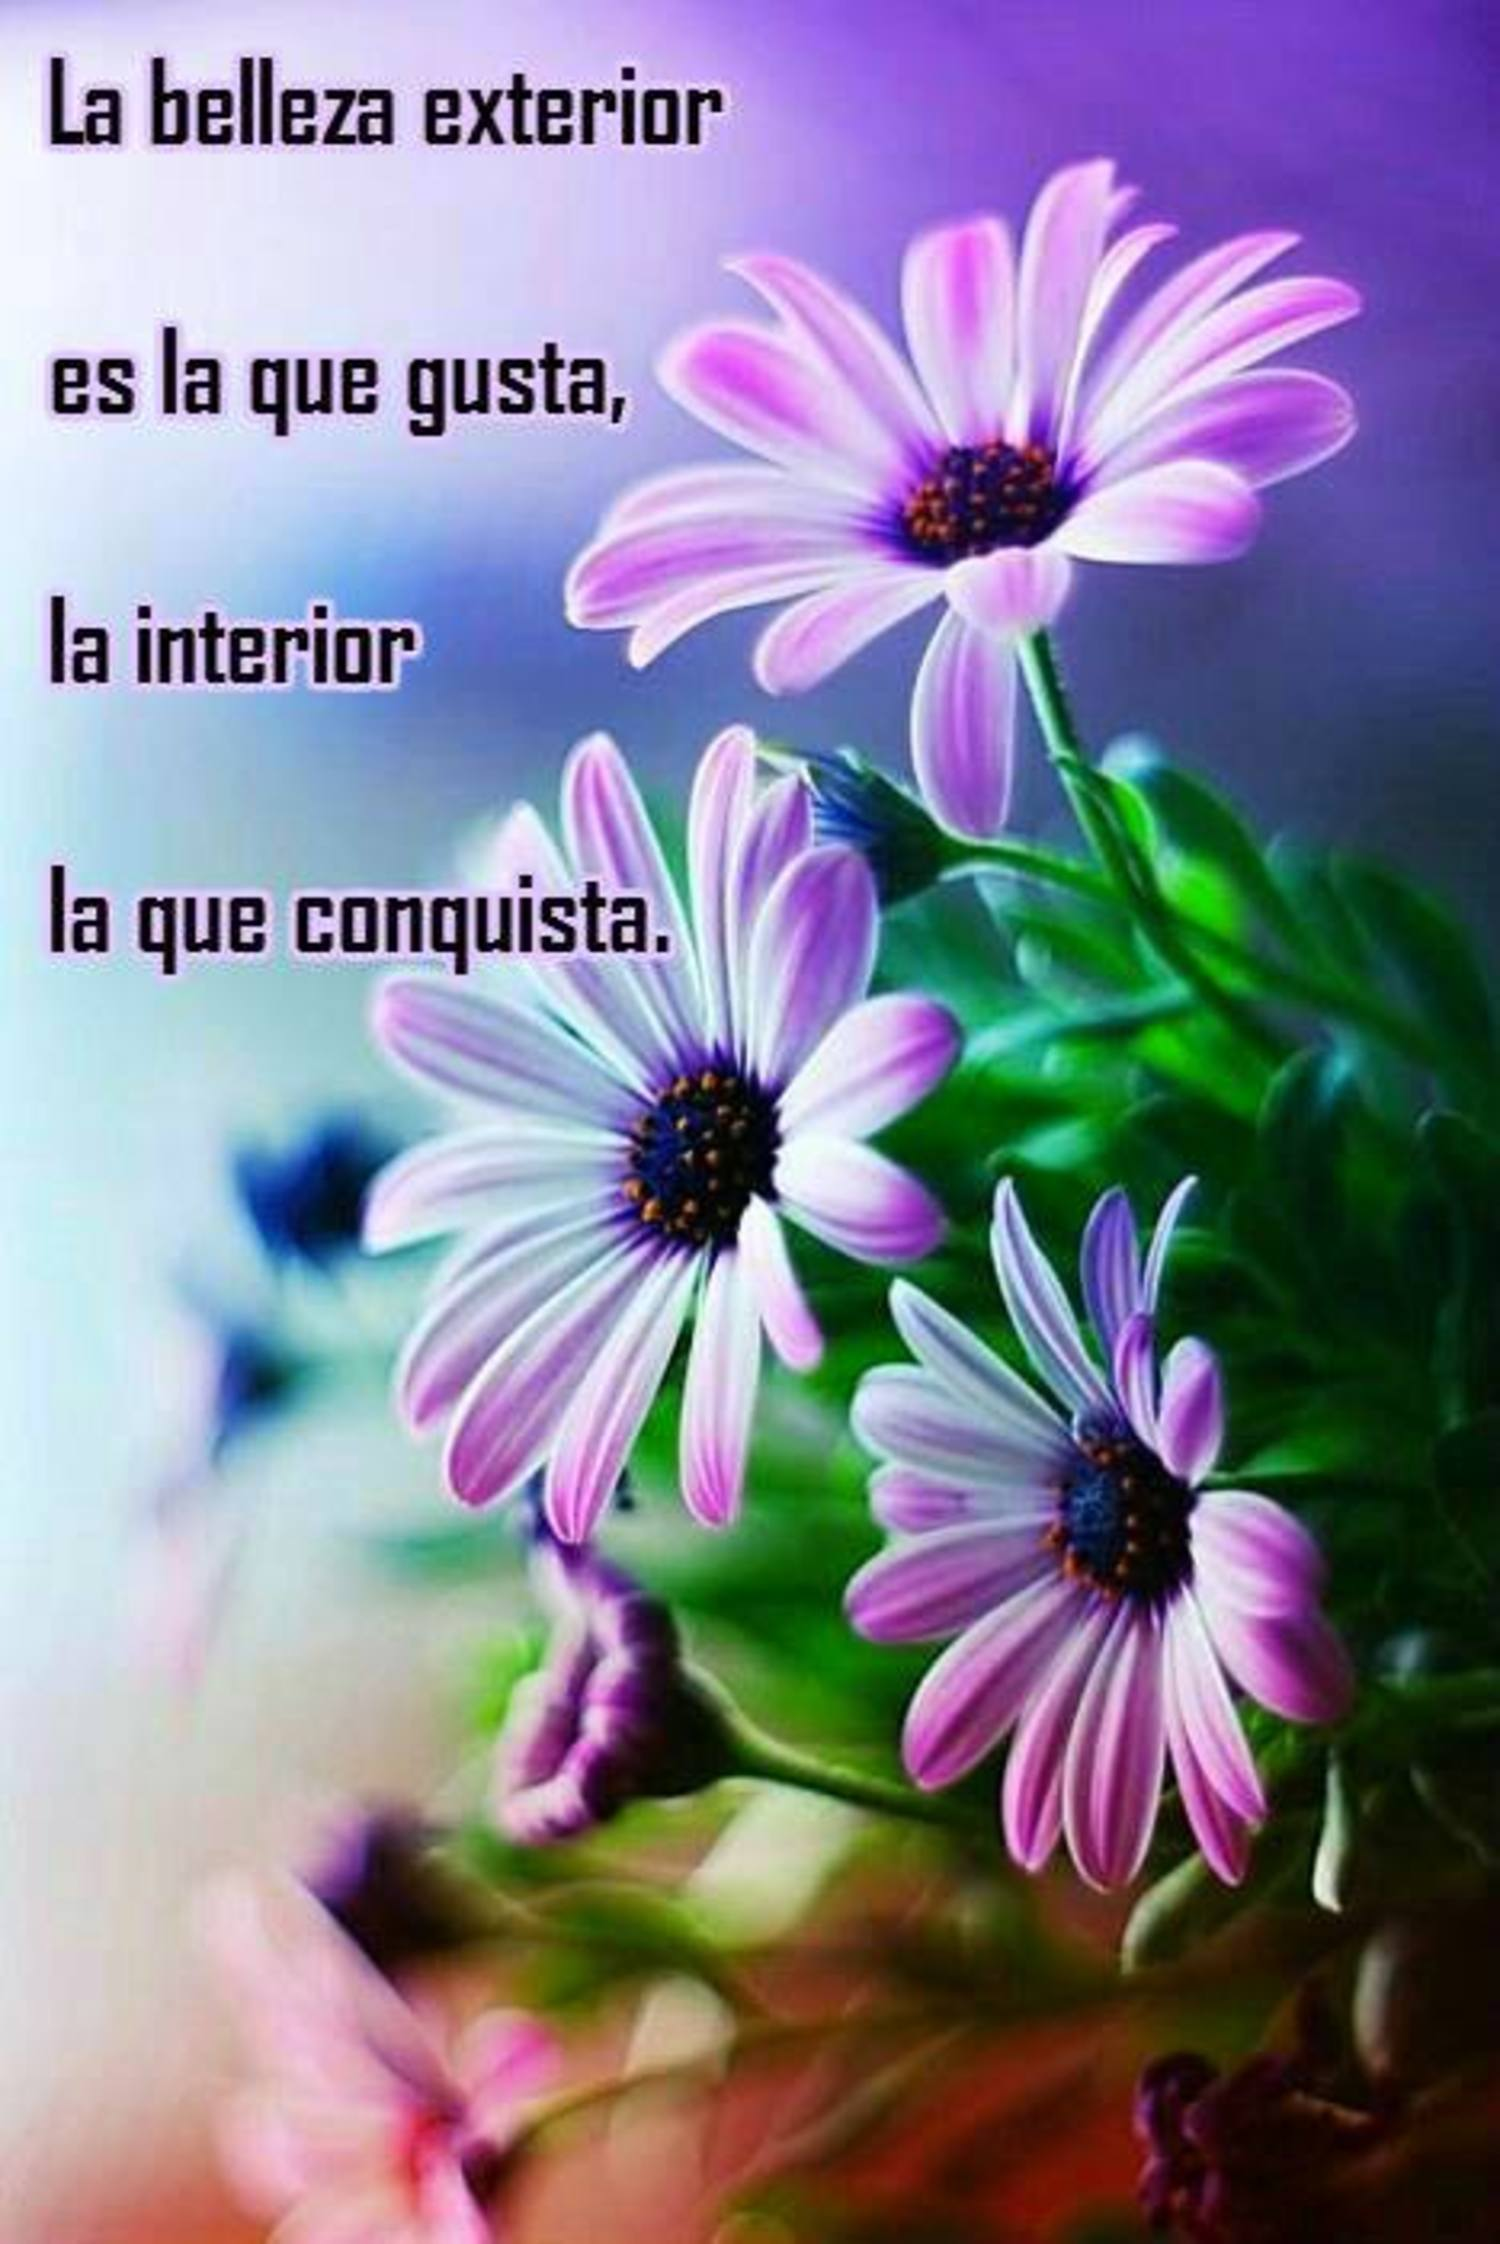 La belleza exterior es la que gusta, la interior la que conquista